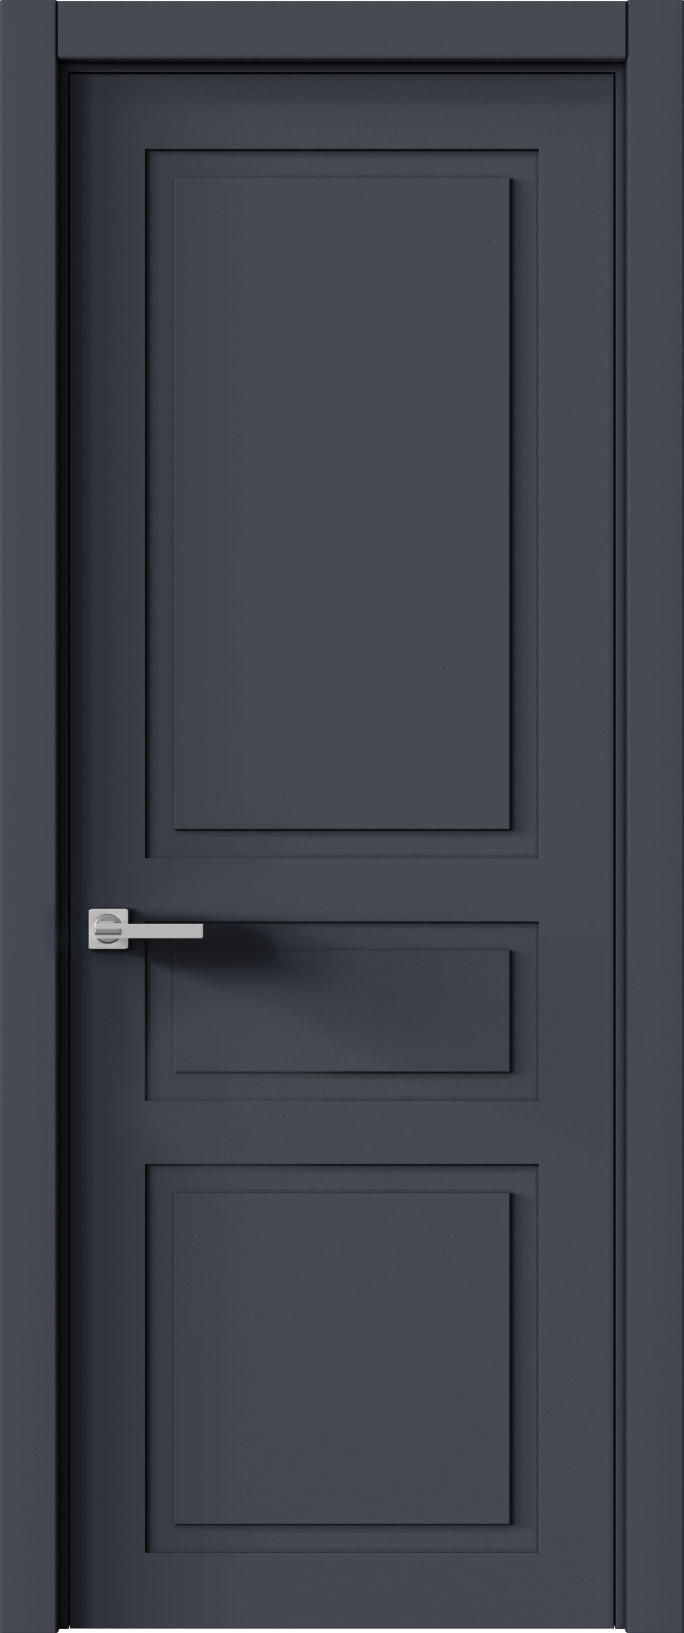 Tivoli Е-5 цвет - Графитово-серая эмаль (RAL 7024) Без стекла (ДГ)